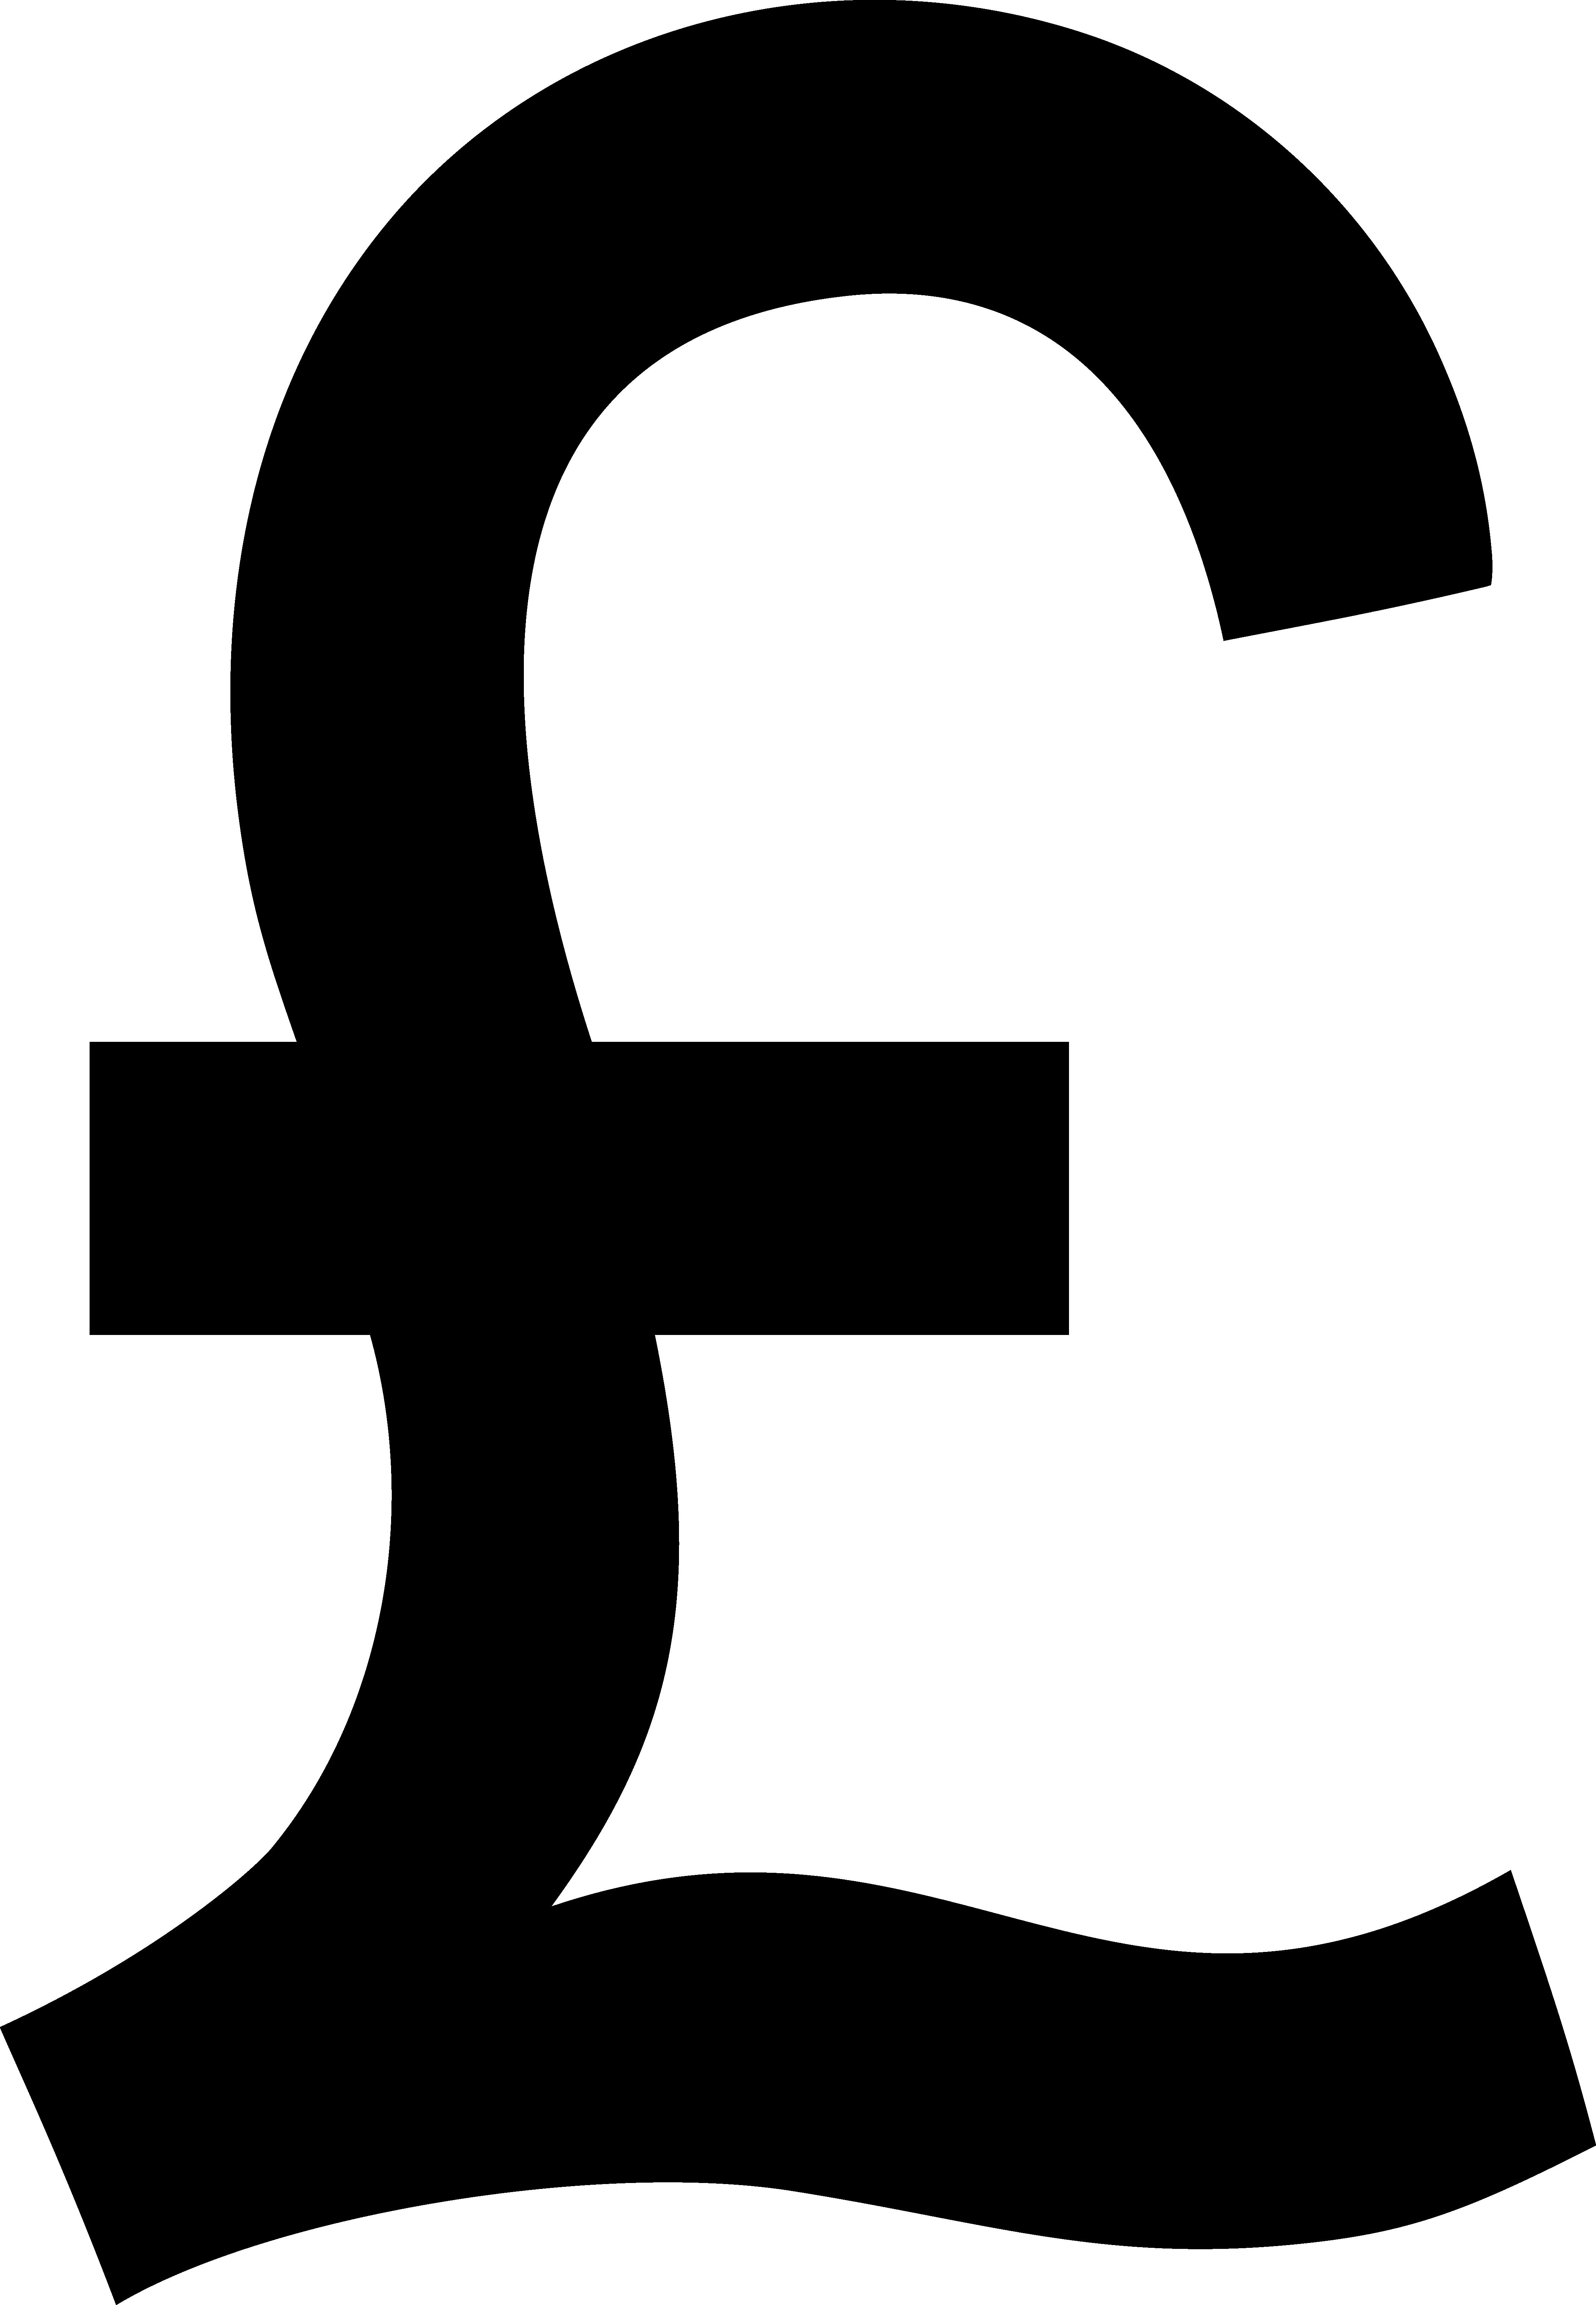 british pound sign black clip art sweet clip art put clip art in email pot clip art art